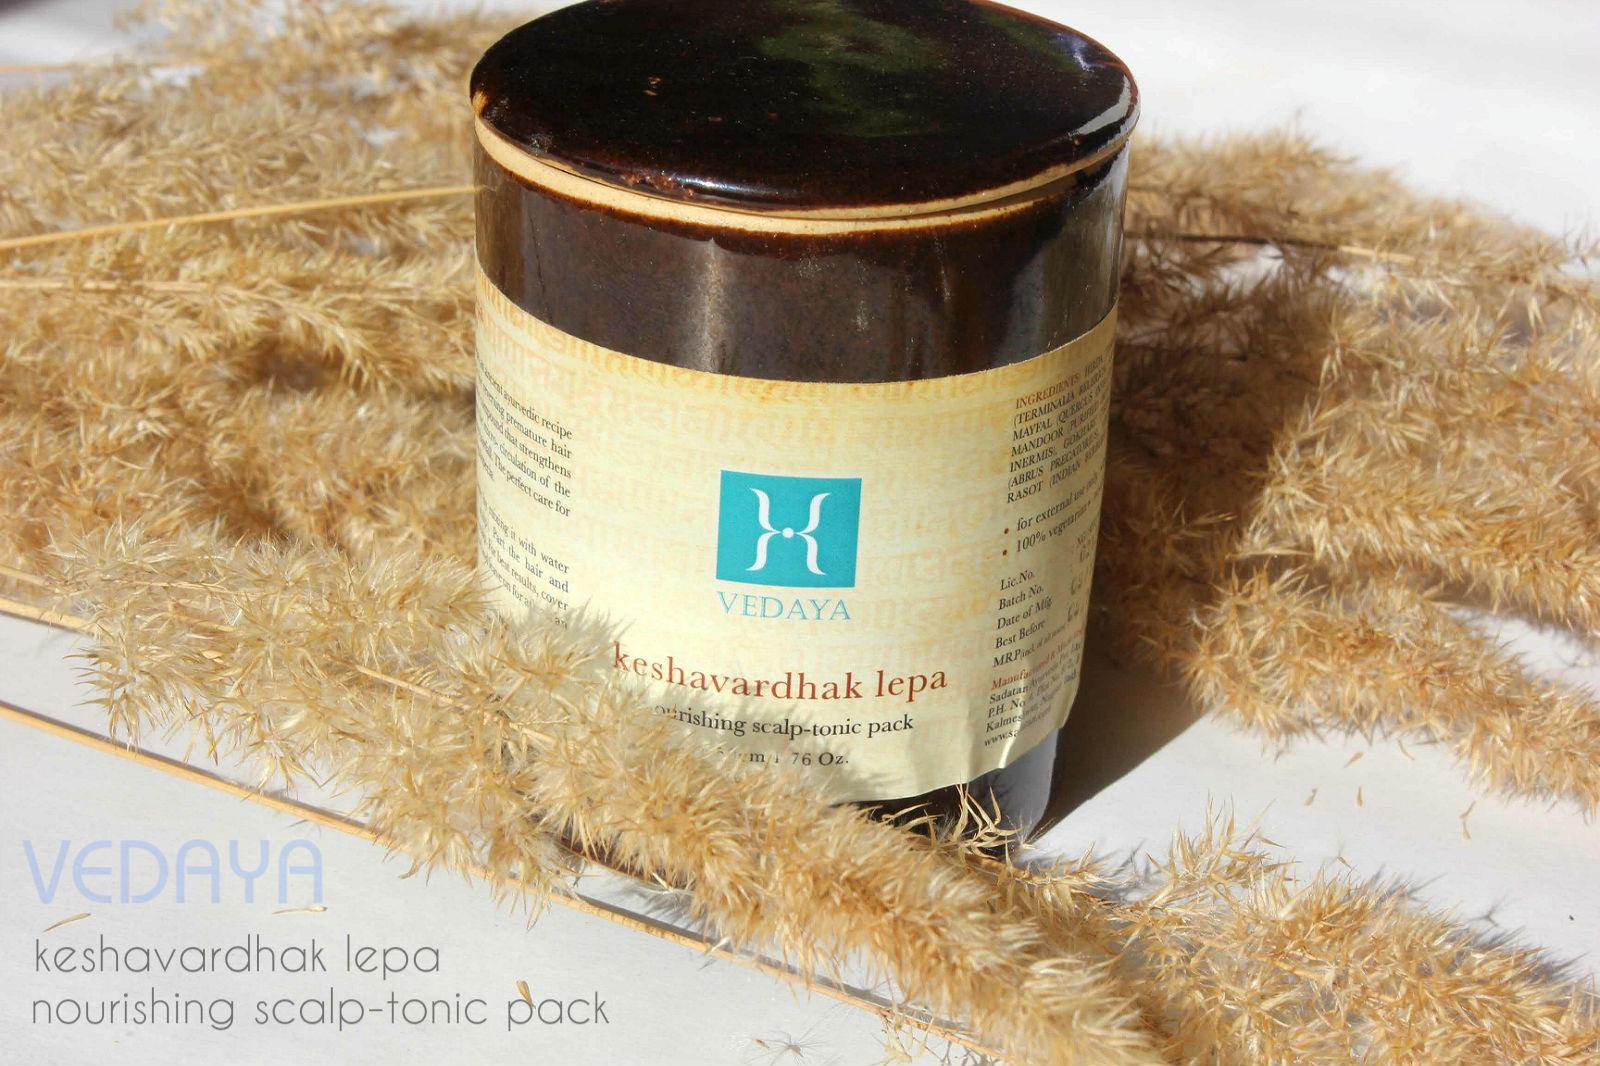 Отзыв: Красота по-индийски. Питательный тоник для головы - стимулятор роста волос. VEDAYA Nourishing scalp-tonic pack (Keshavardhak lepa).